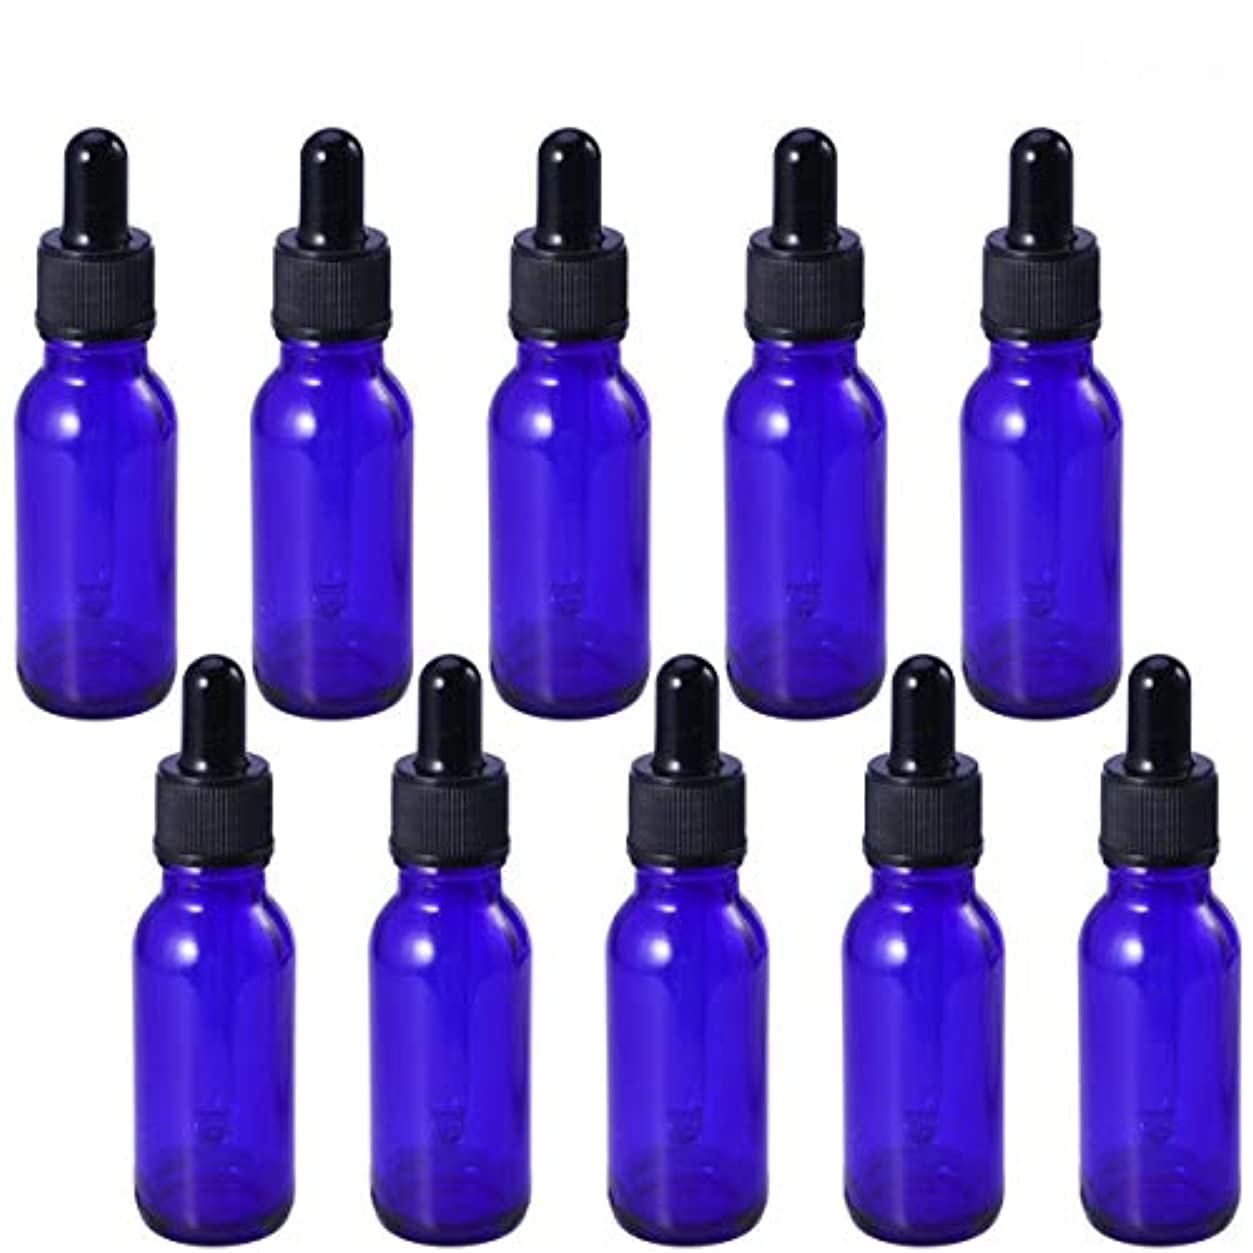 悪用大きさ模索Frcolor 遮光瓶 スポイト遮光瓶 青色瓶 スポイト付き アロマボトル 保存容器 エッセンシャルオイル 香水 保存用 詰替え ガラス(10個入り 20ml)